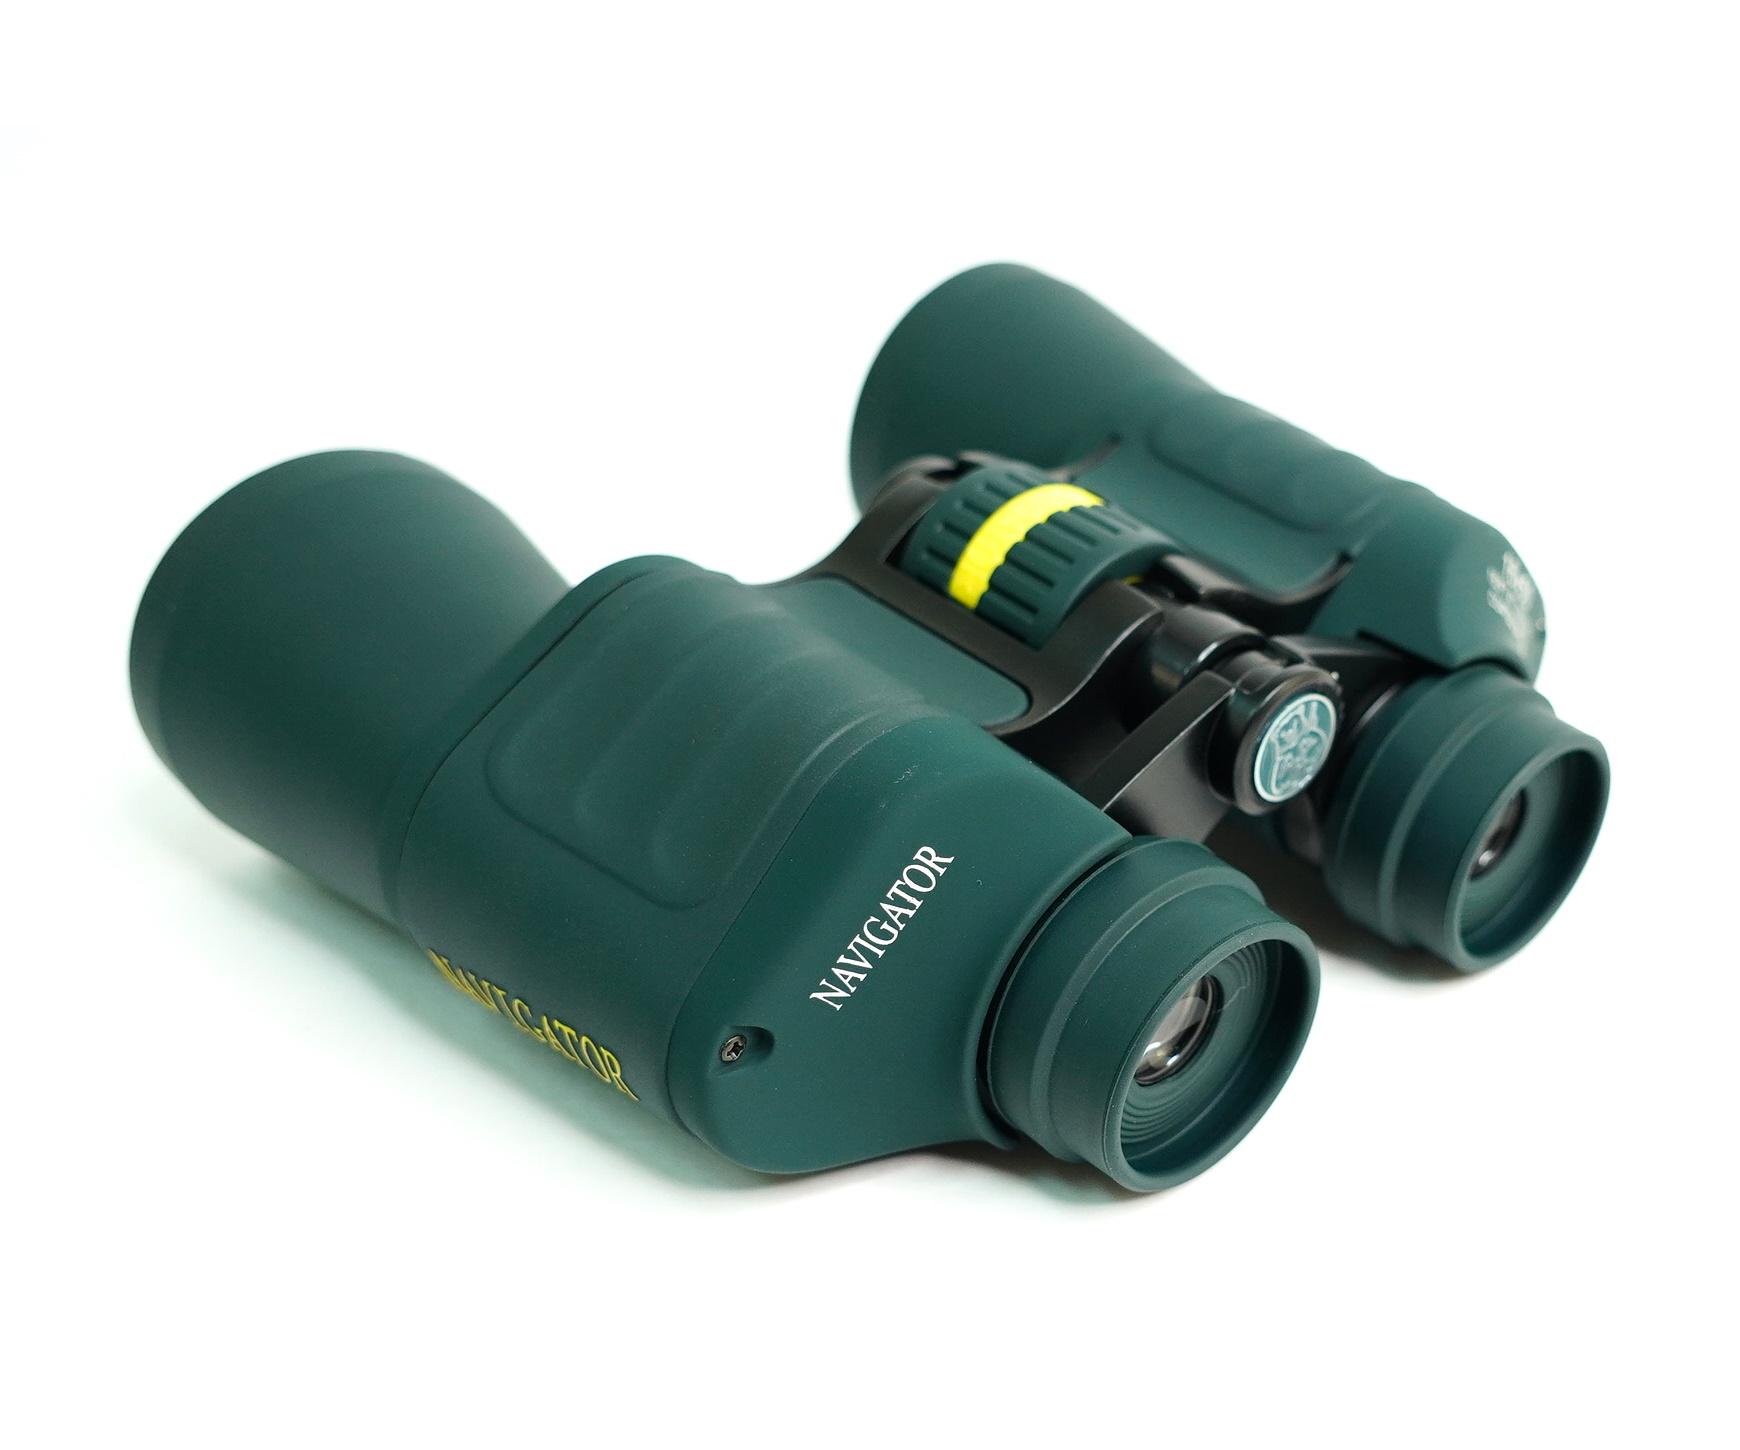 Бинокль Navigator 16x50 profi (Porro, зеленый)